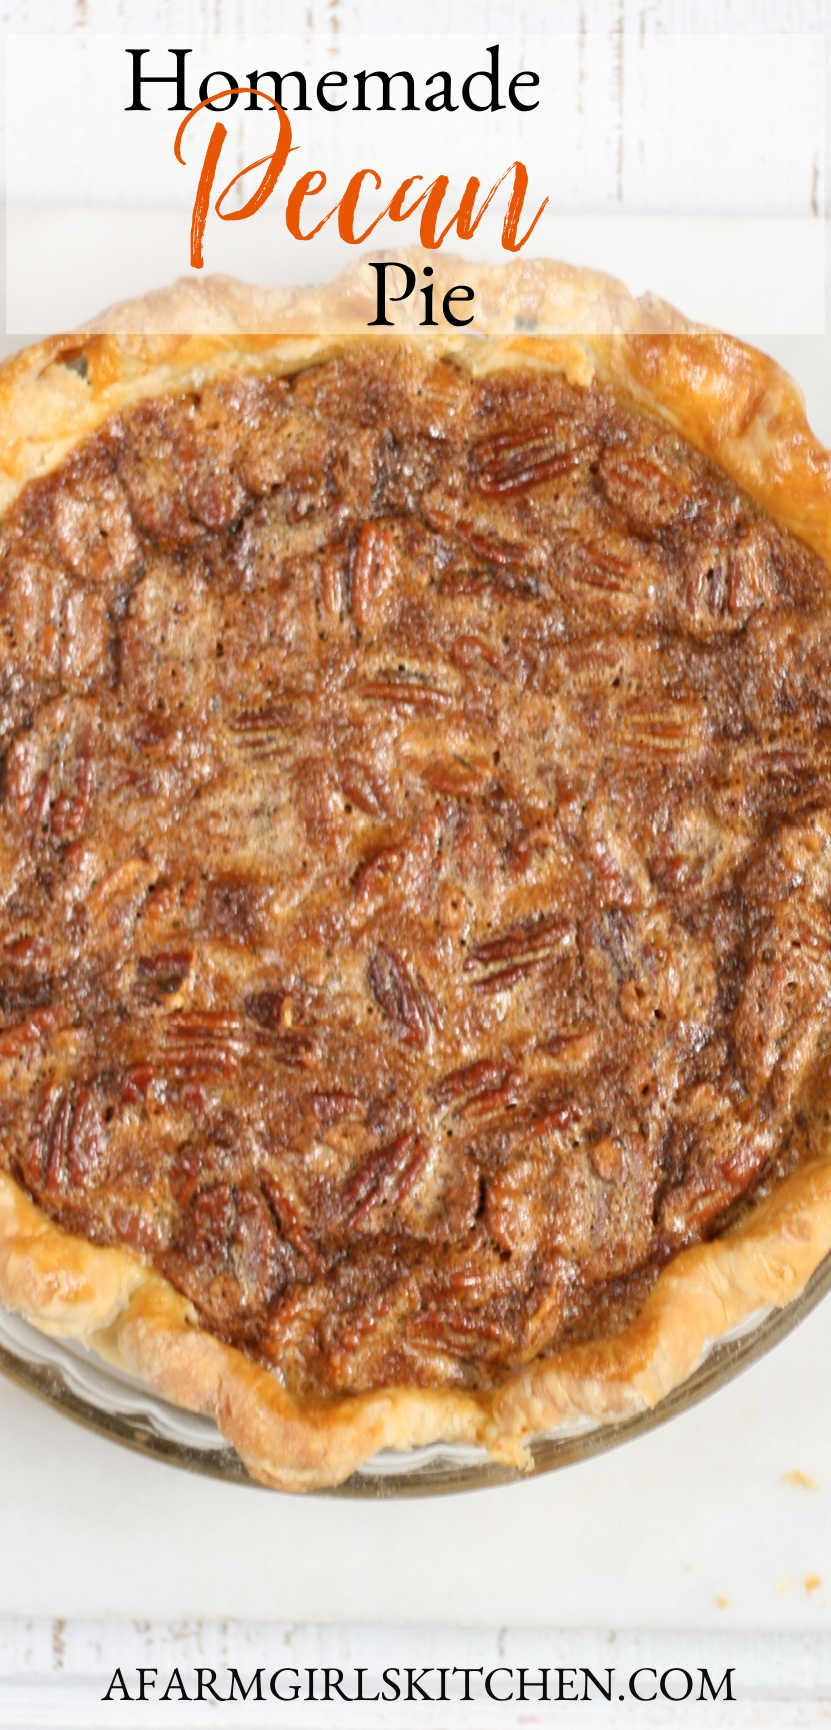 d4556d275ed3c7a4ea4b9283ad7970c2 - Better Homes And Gardens Southern Pecan Pie Recipe